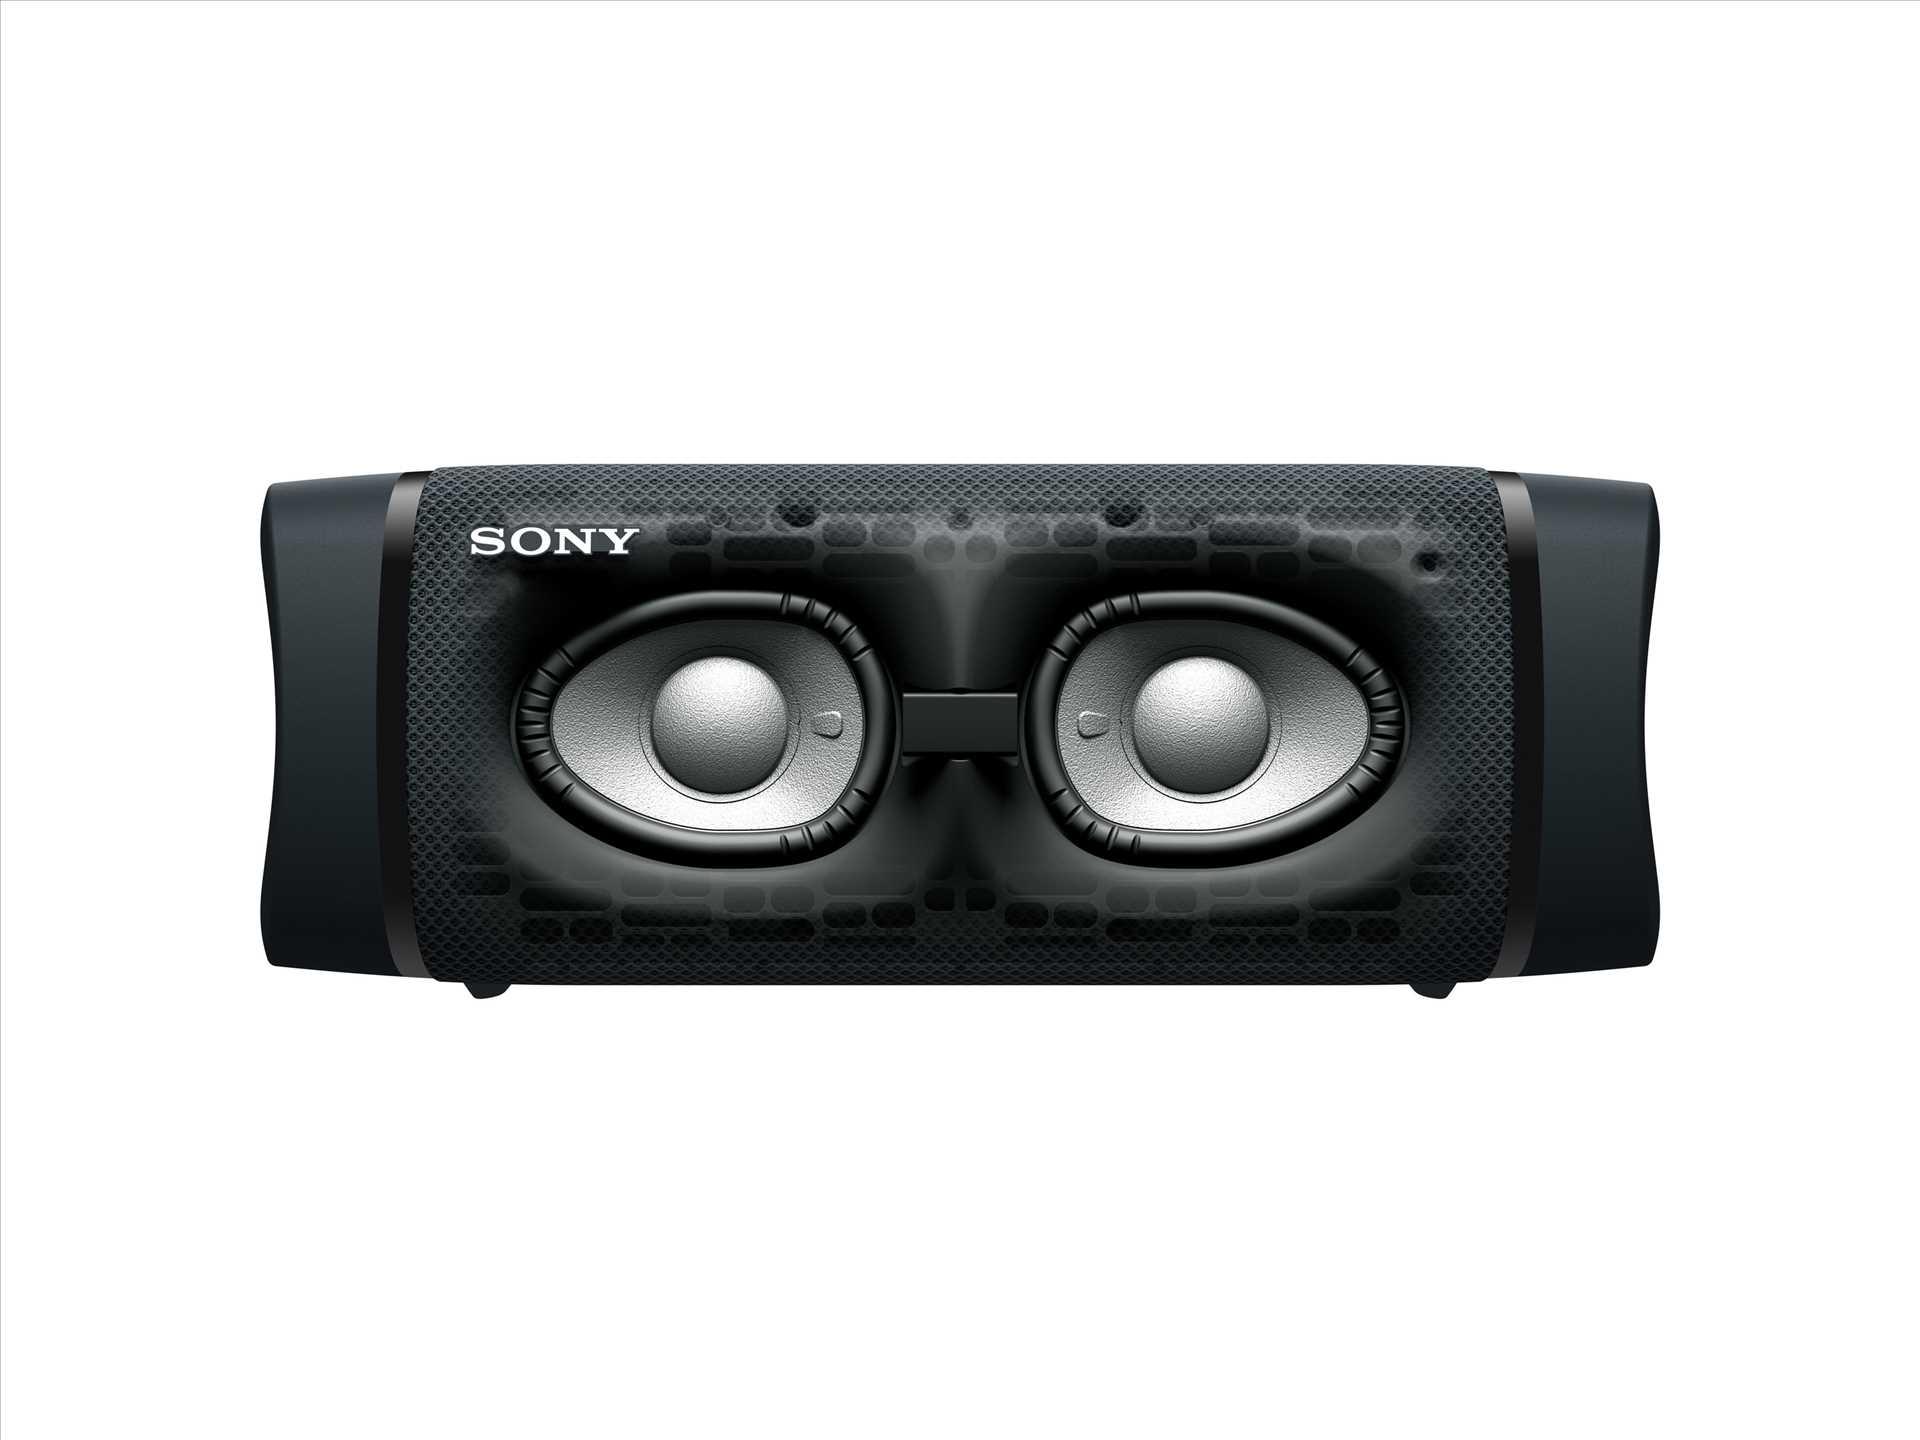 רמקול נייד סוני שחור SONY SRS-XB33B סוני - תמונה 10